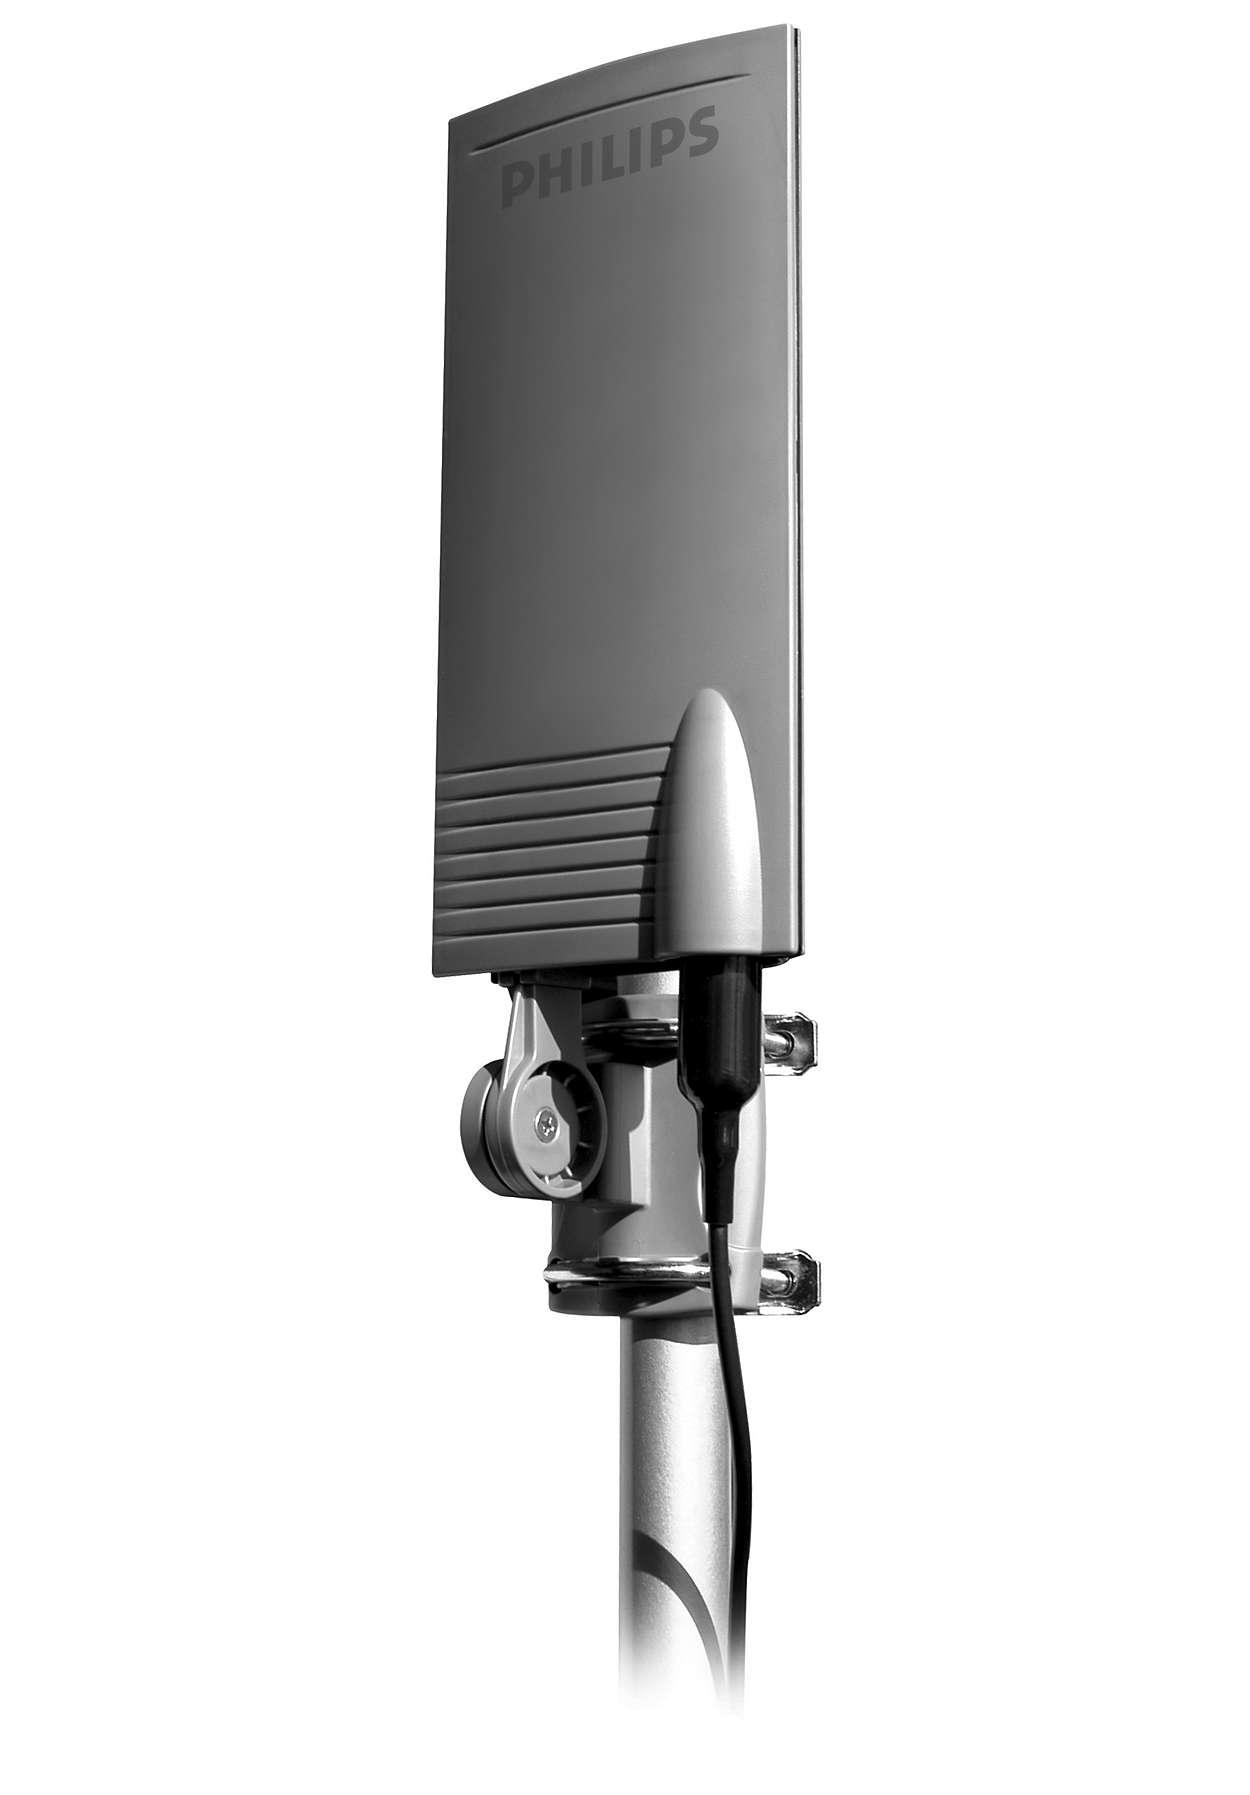 Antena de tv sdv2940 27 philips for Antenas de tv interiores